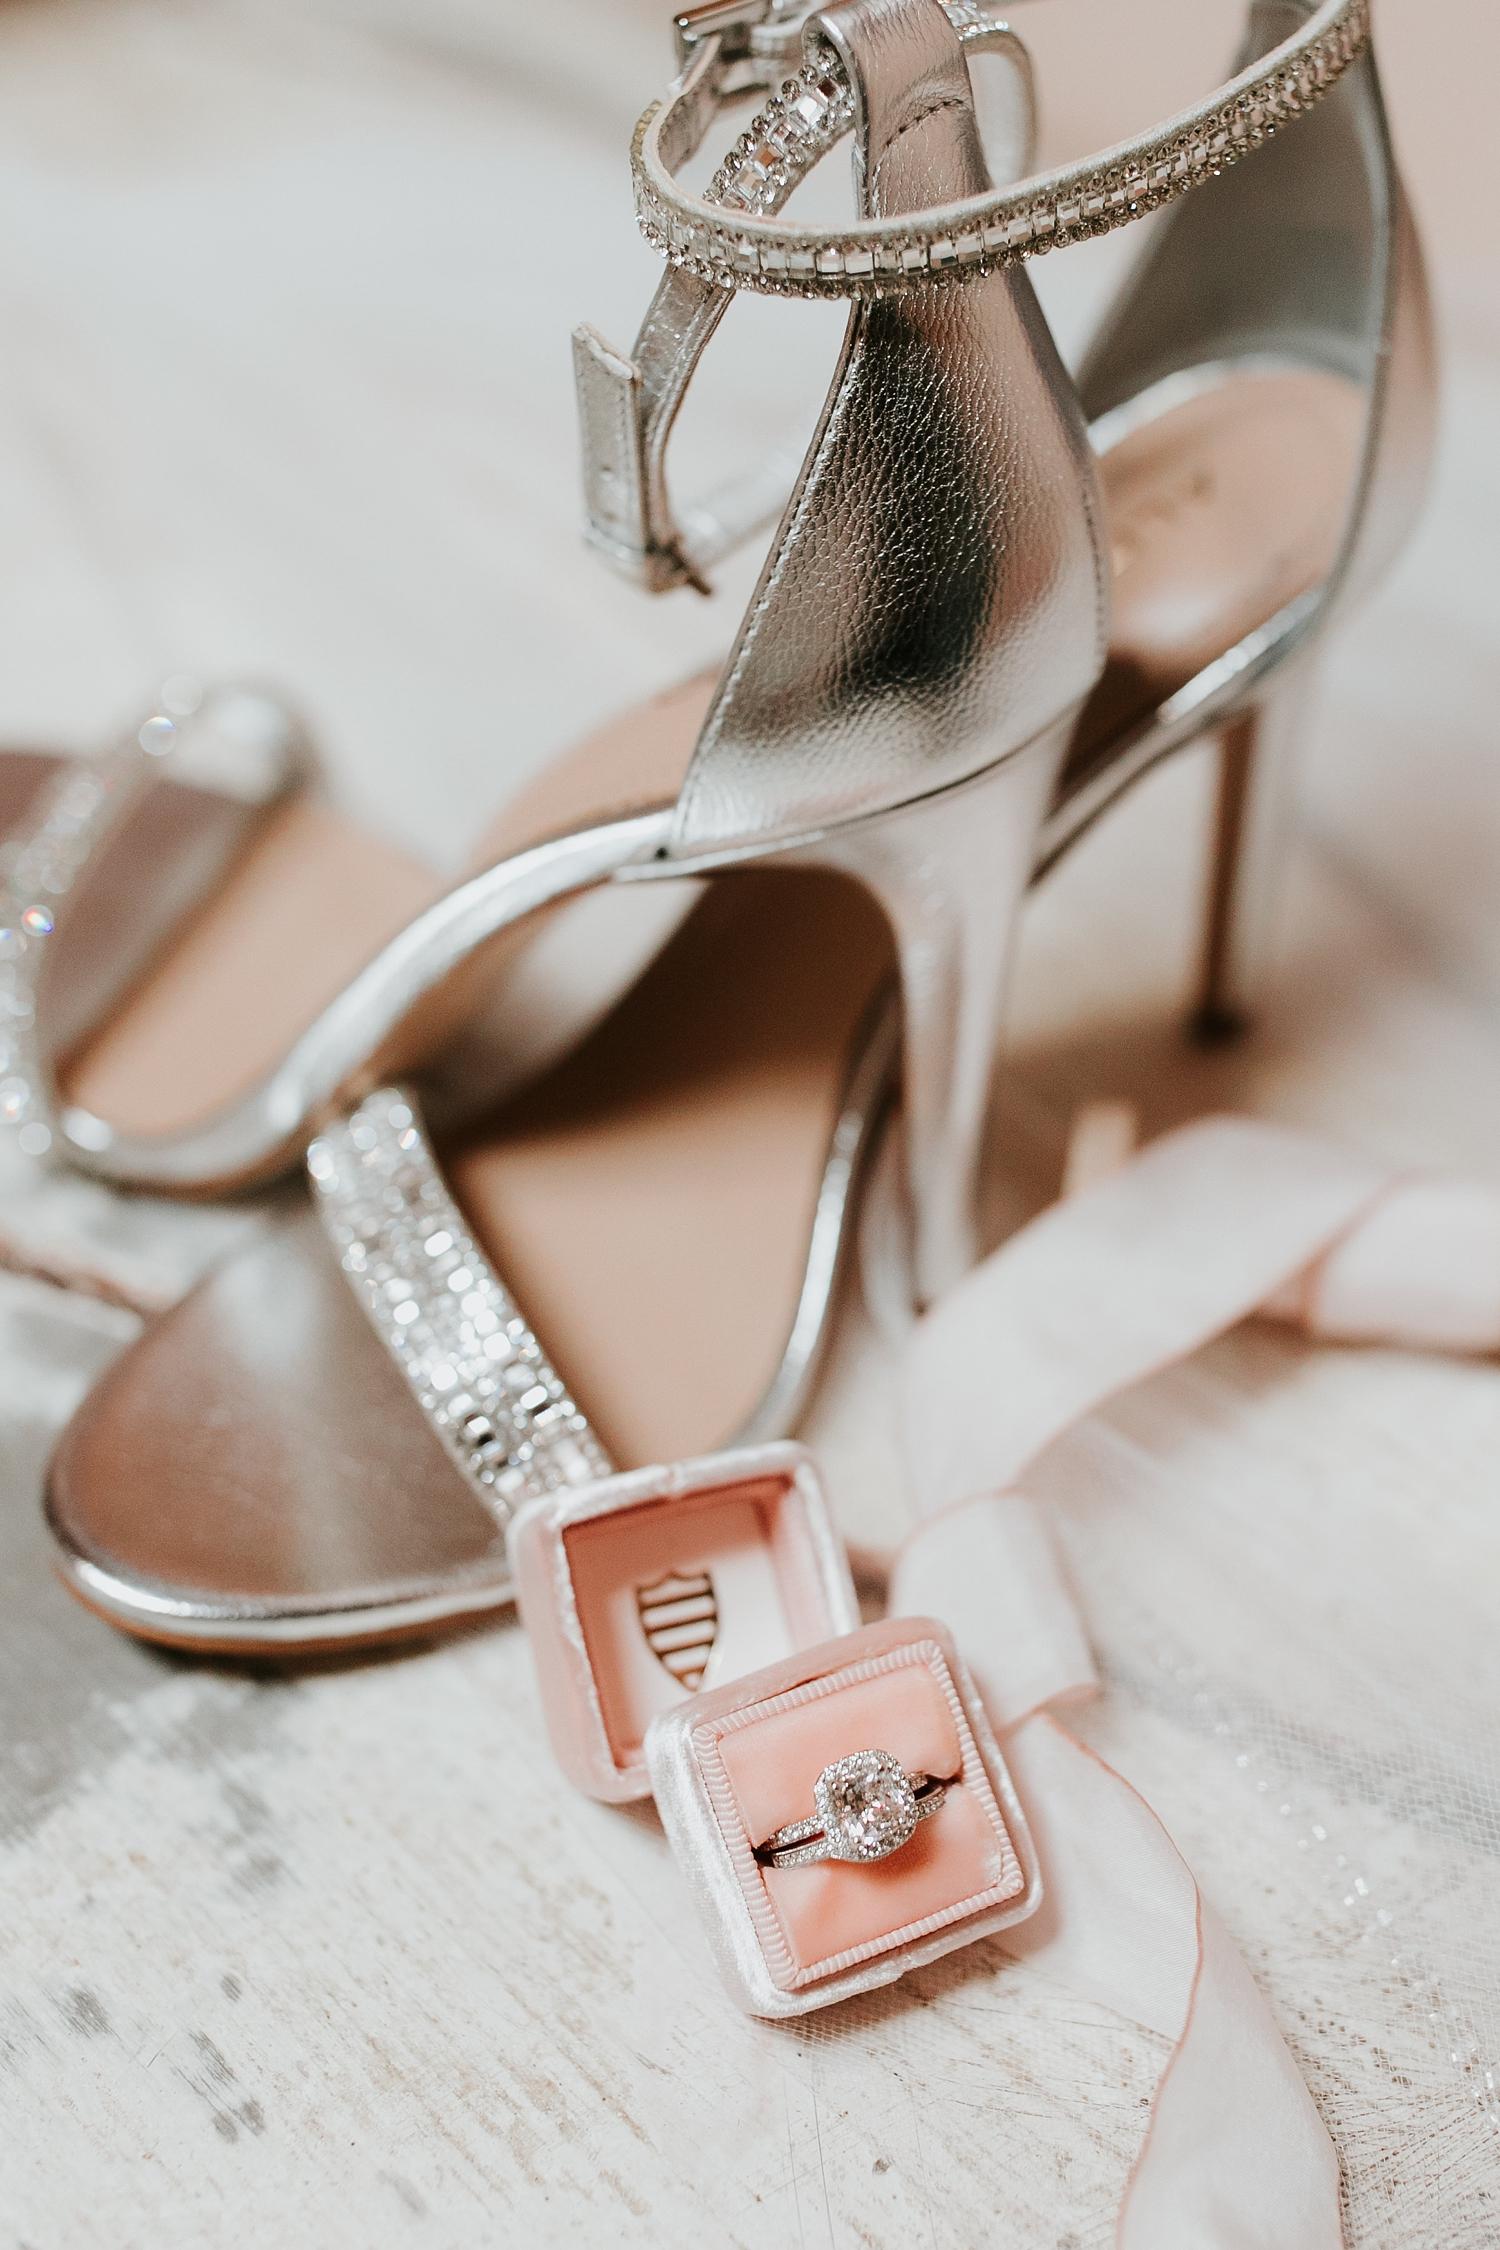 Alicia+lucia+photography+-+albuquerque+wedding+photographer+-+santa+fe+wedding+photography+-+new+mexico+wedding+photographer+-+new+mexico+engagement+-+la+mesita+ranch+wedding+-+la+mesita+ranch+spring+wedding_0002.jpg